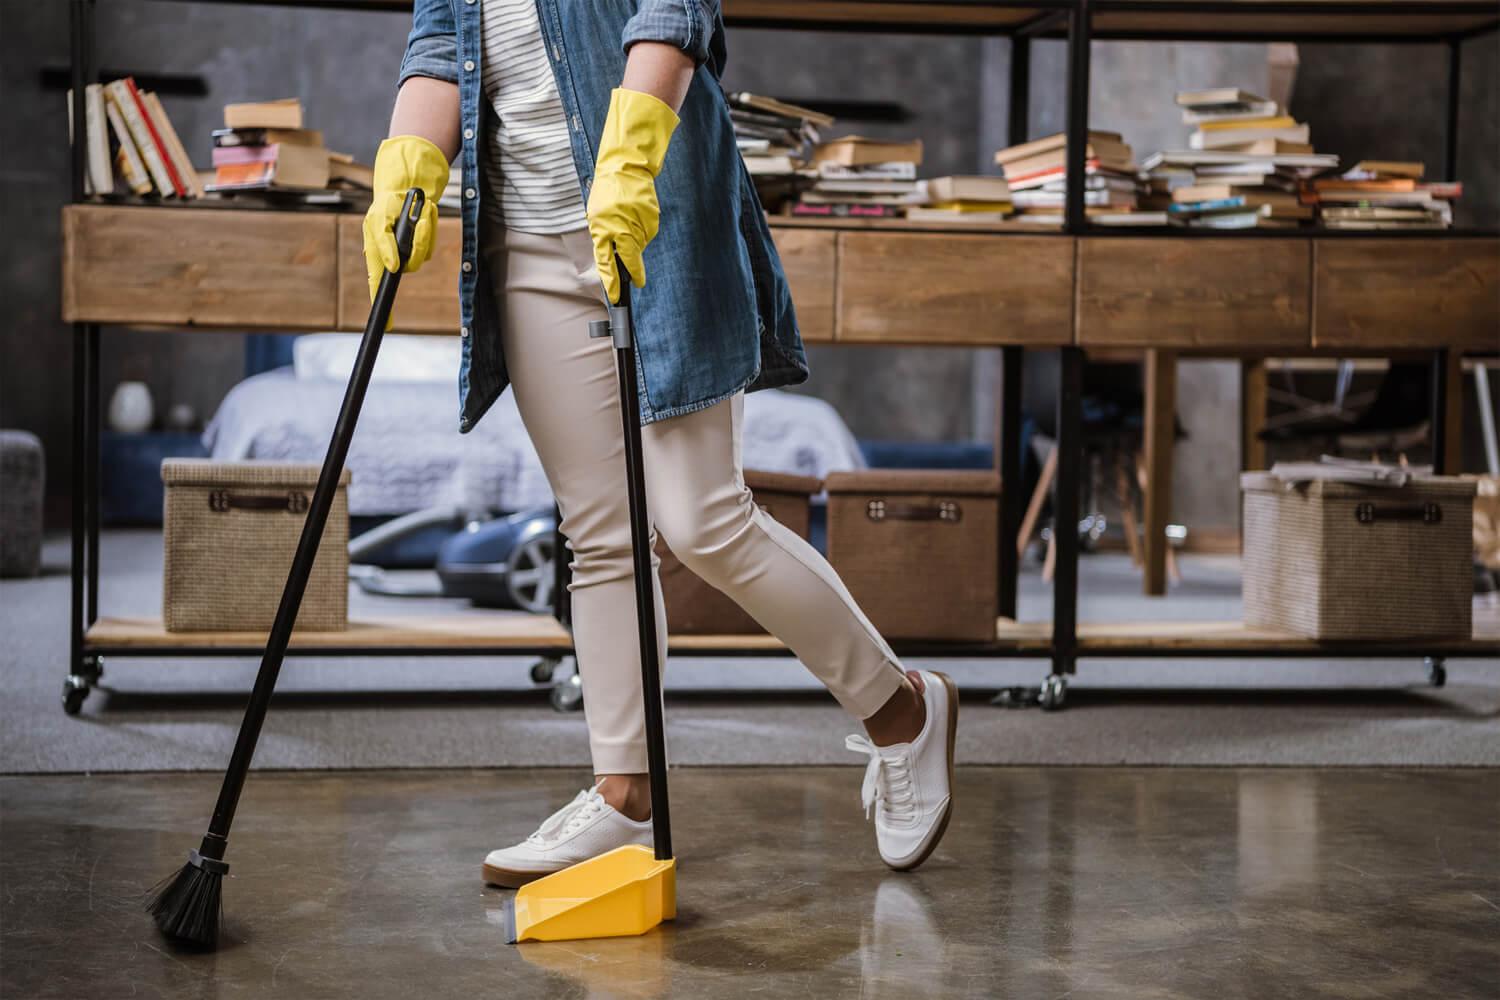 Niezbędnik sprzątający – wyposażenie przydatne w trakcie porządków